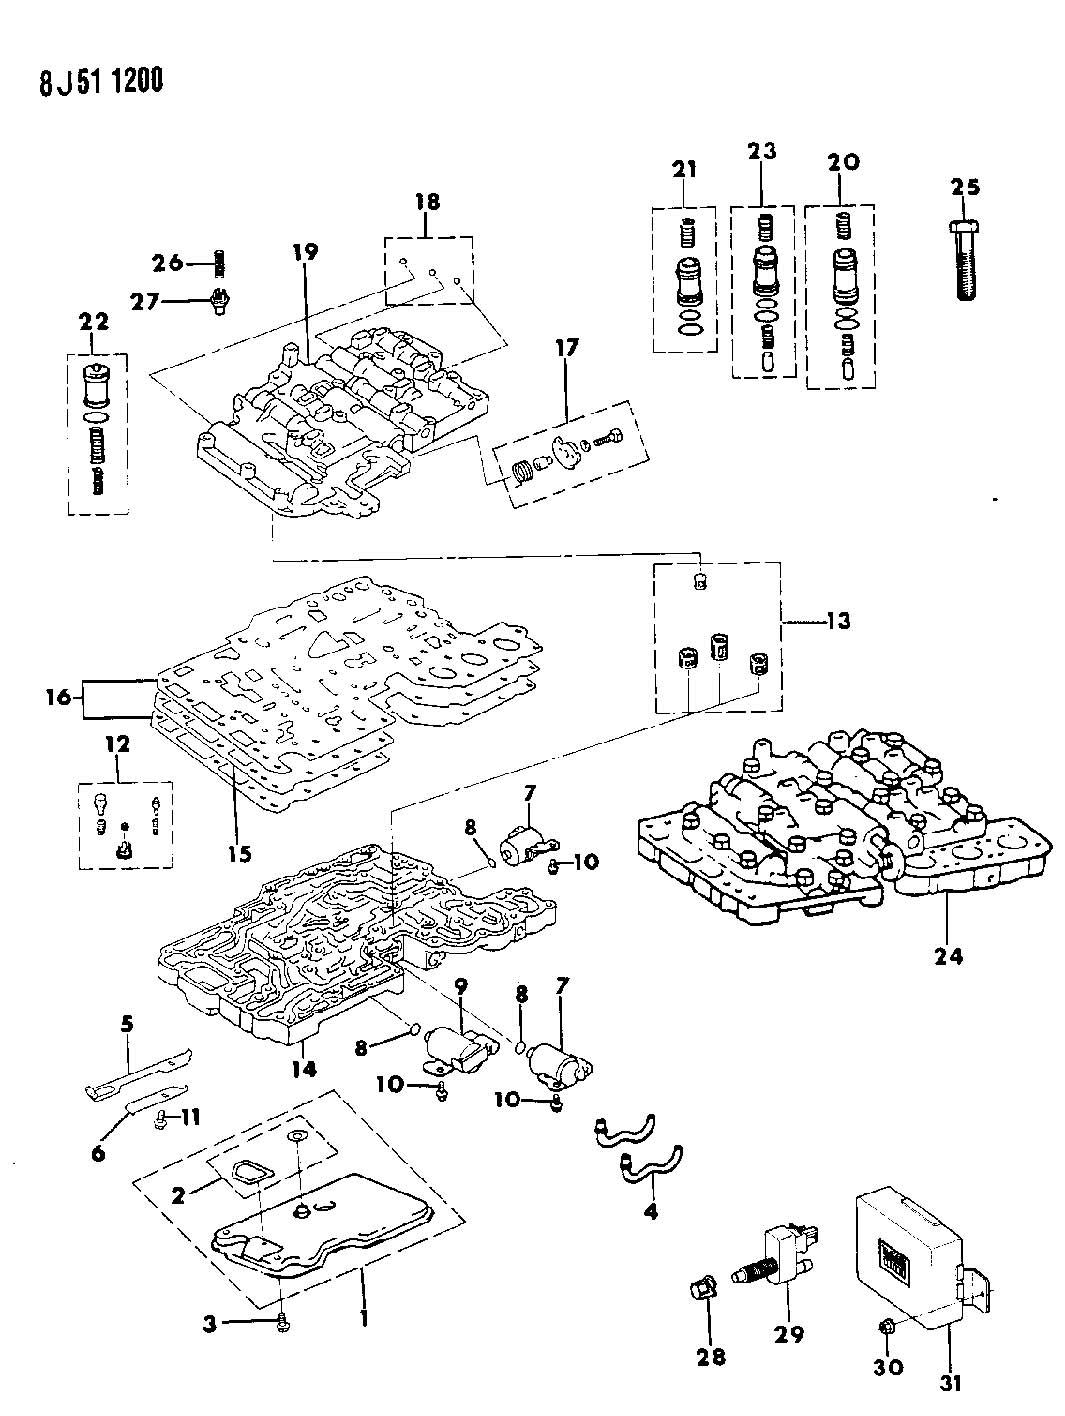 Chrysler Lhs Filter Valve Body Filter Assembly